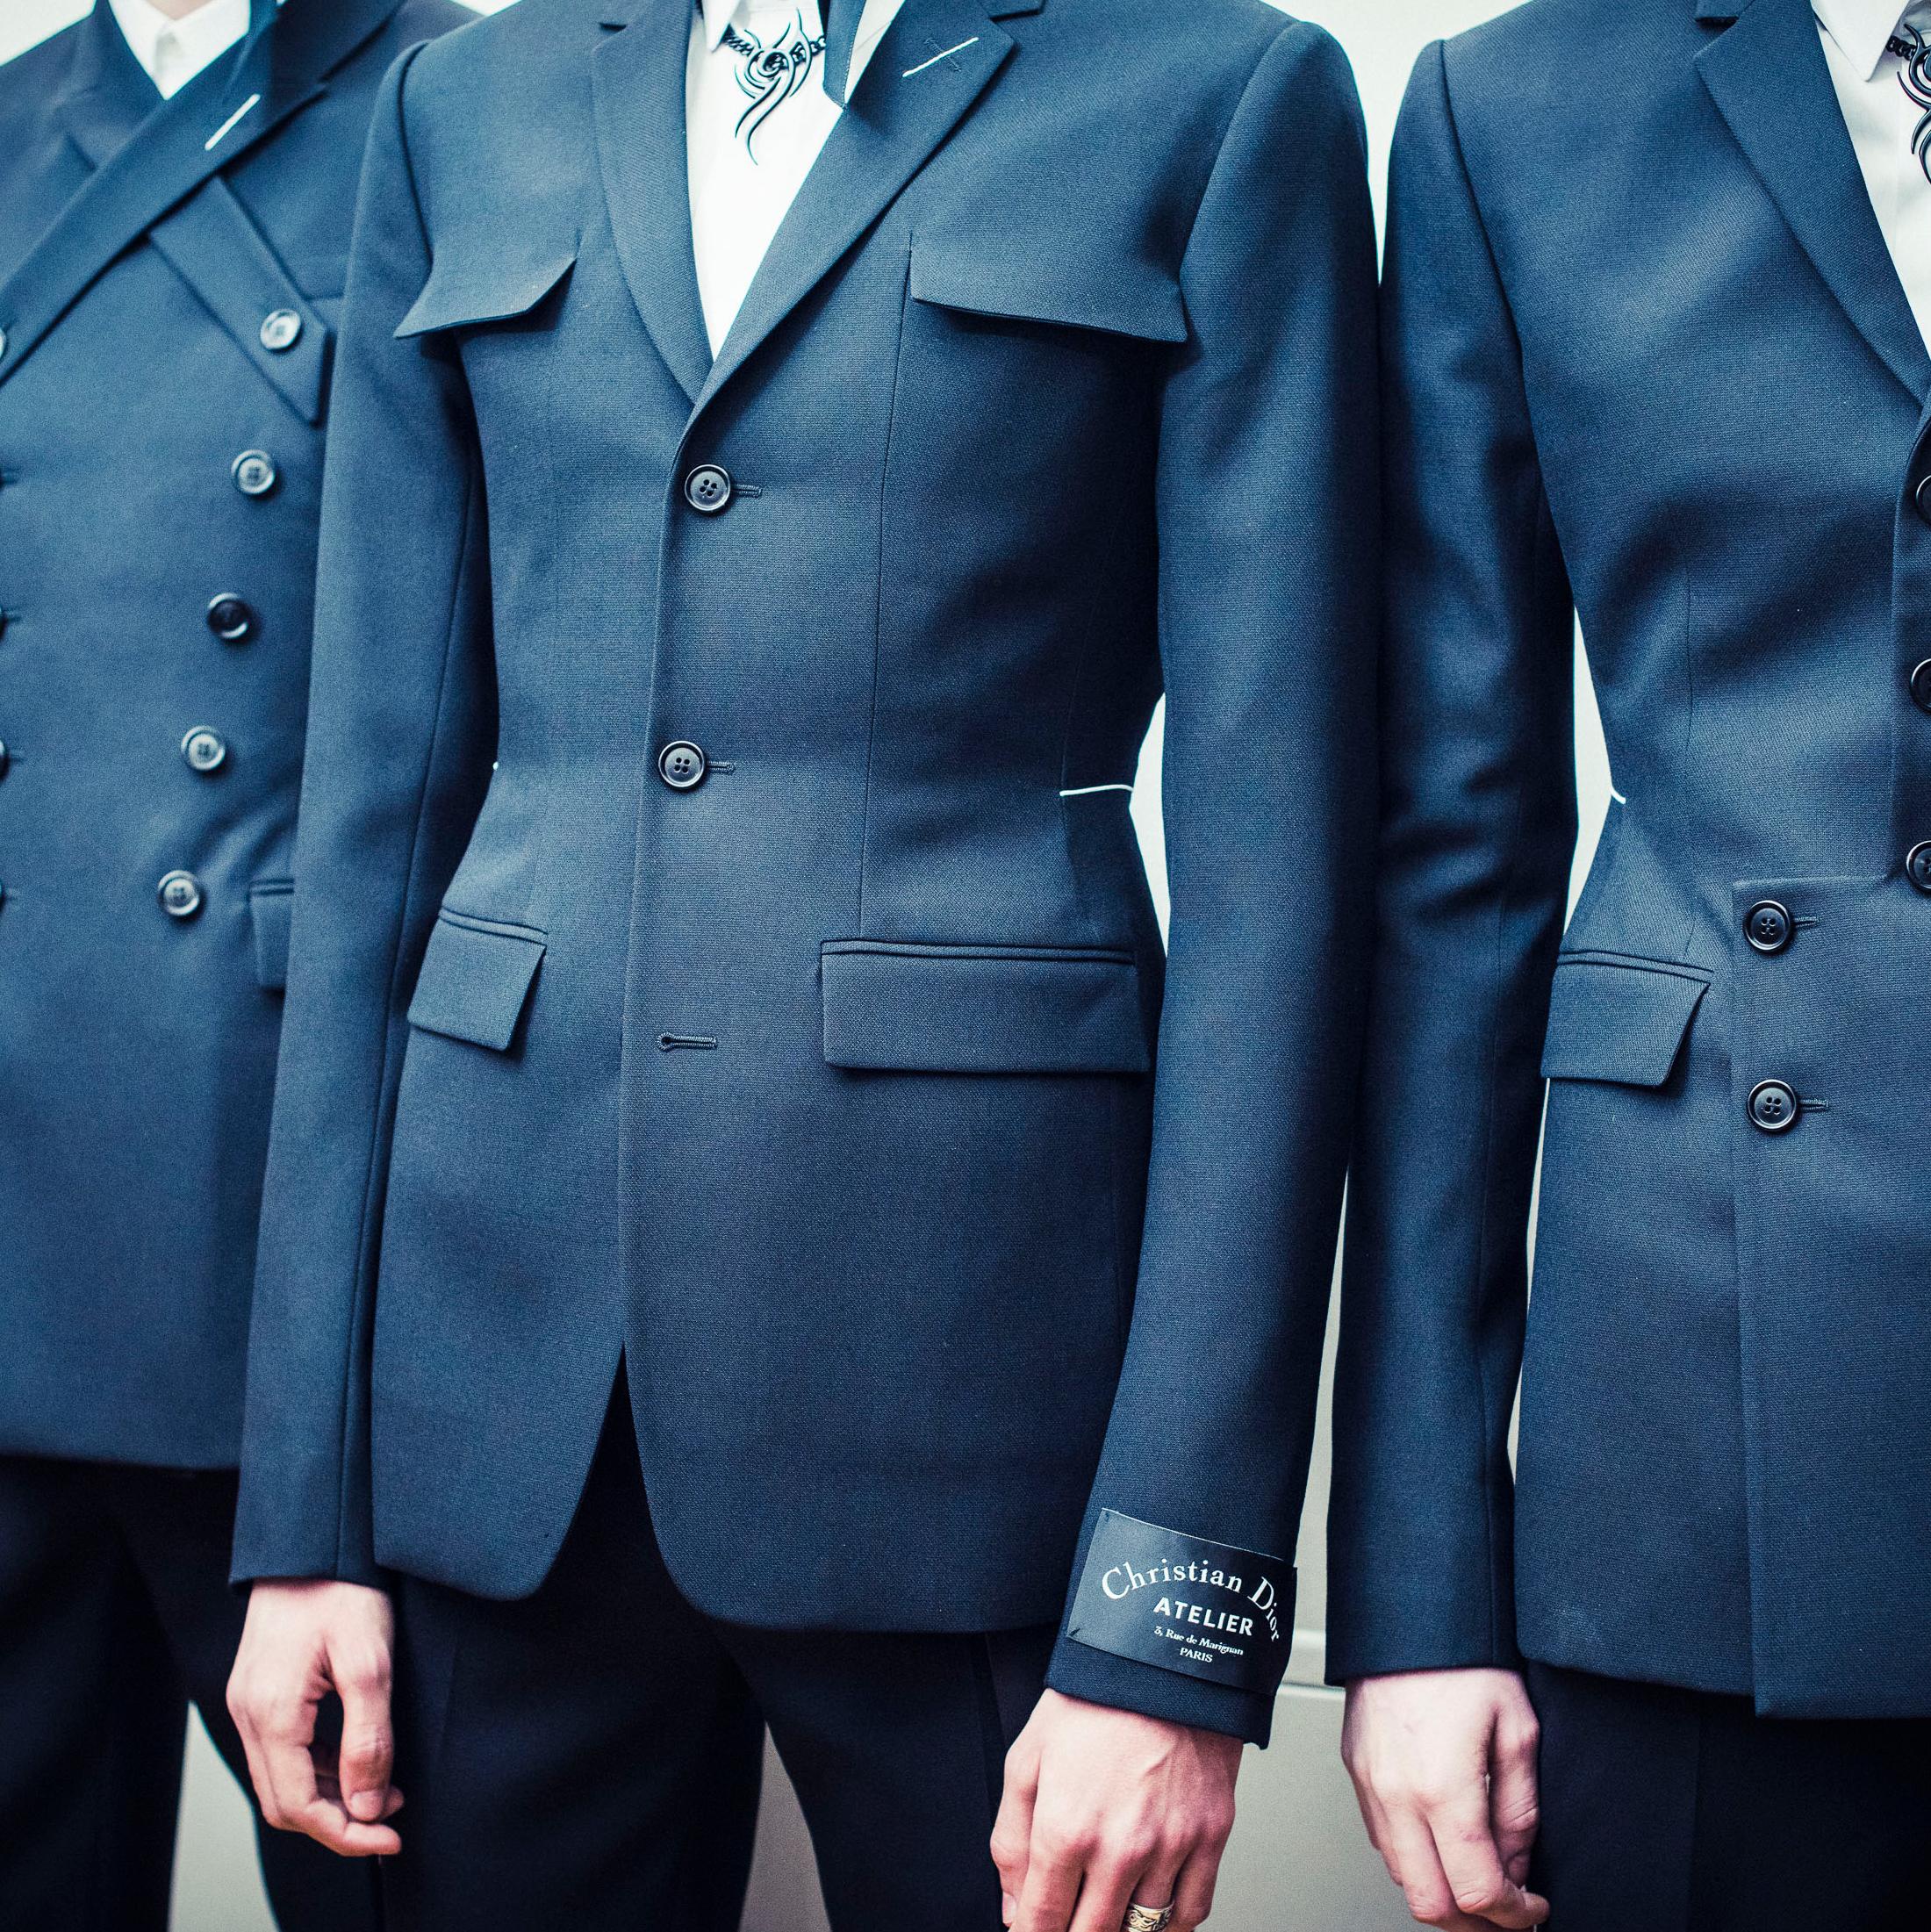 完美西裝控必收!珍藏最後一季Dior Homme男裝經典